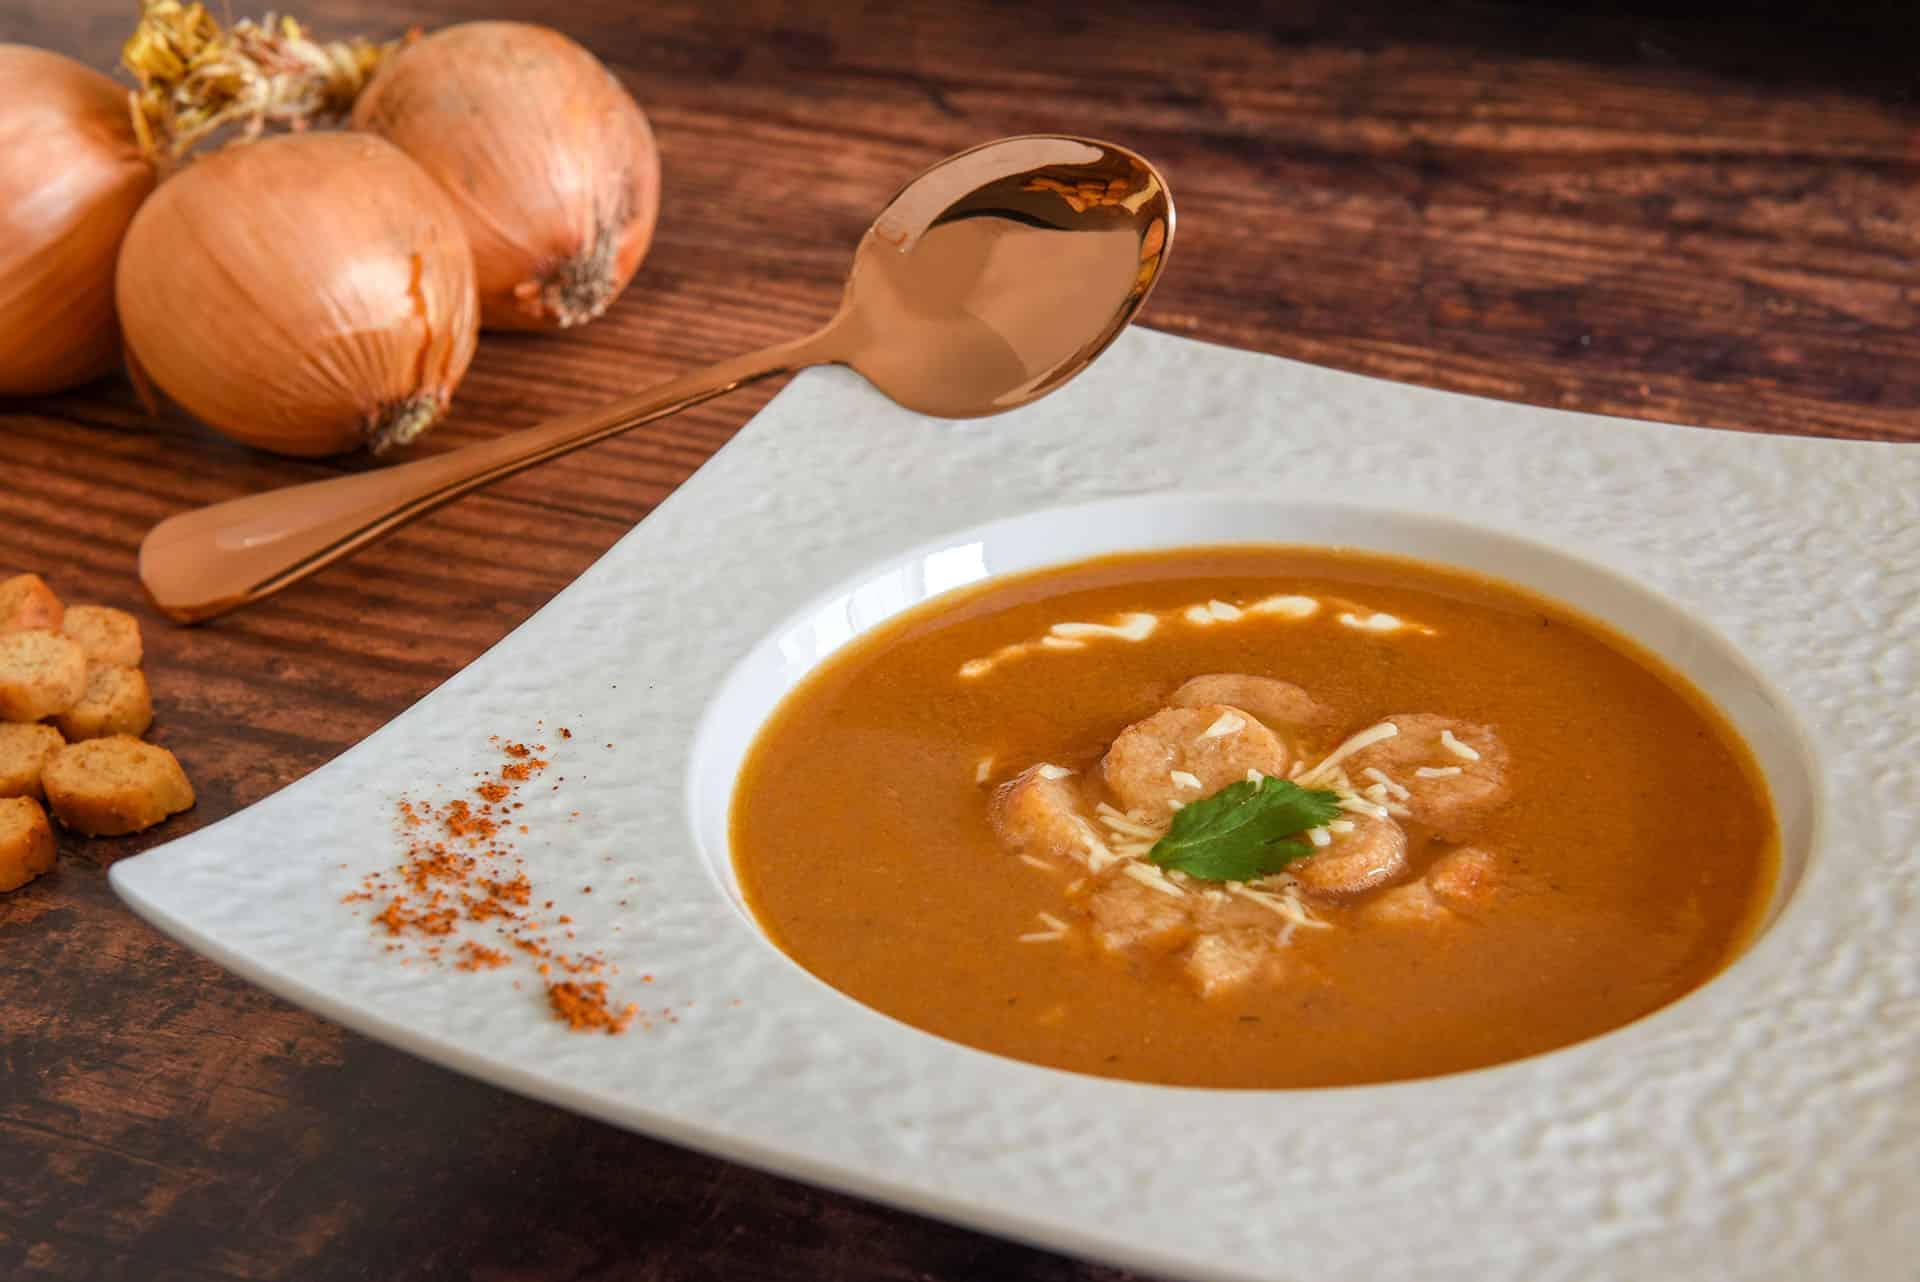 Soupe de poissons traditionnelle bretonne kerbriant